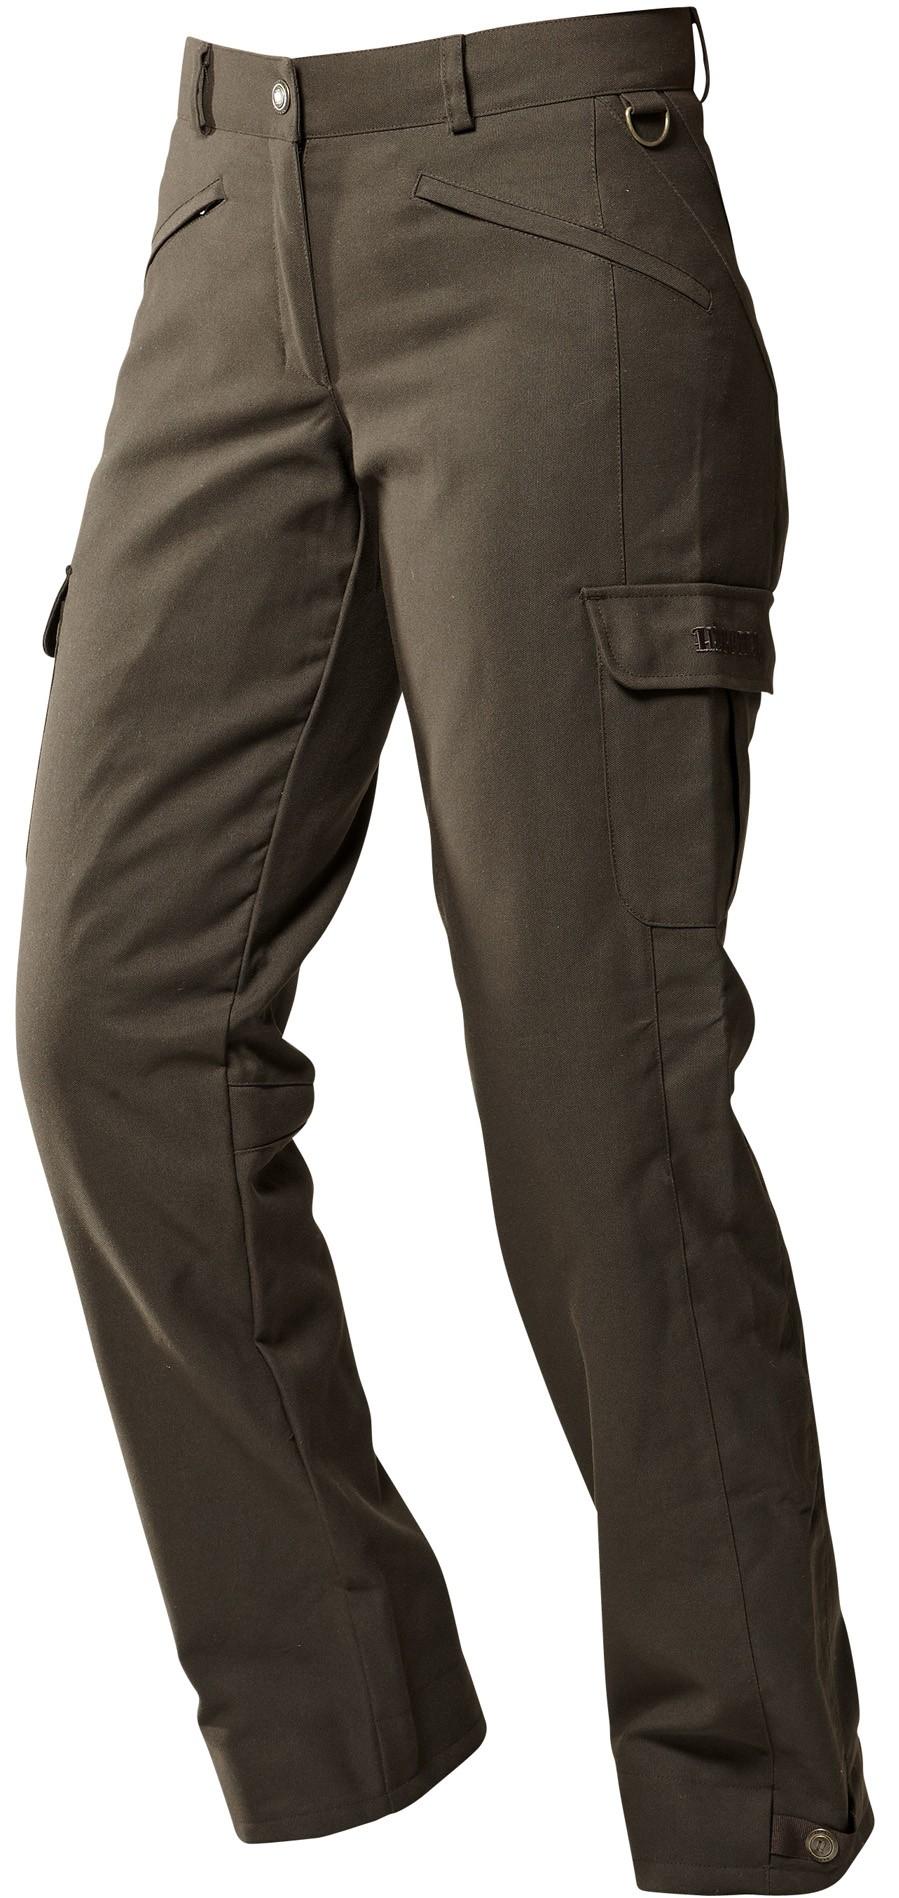 Pantalon marron de traque pour femme Pro Hunter X Härkila